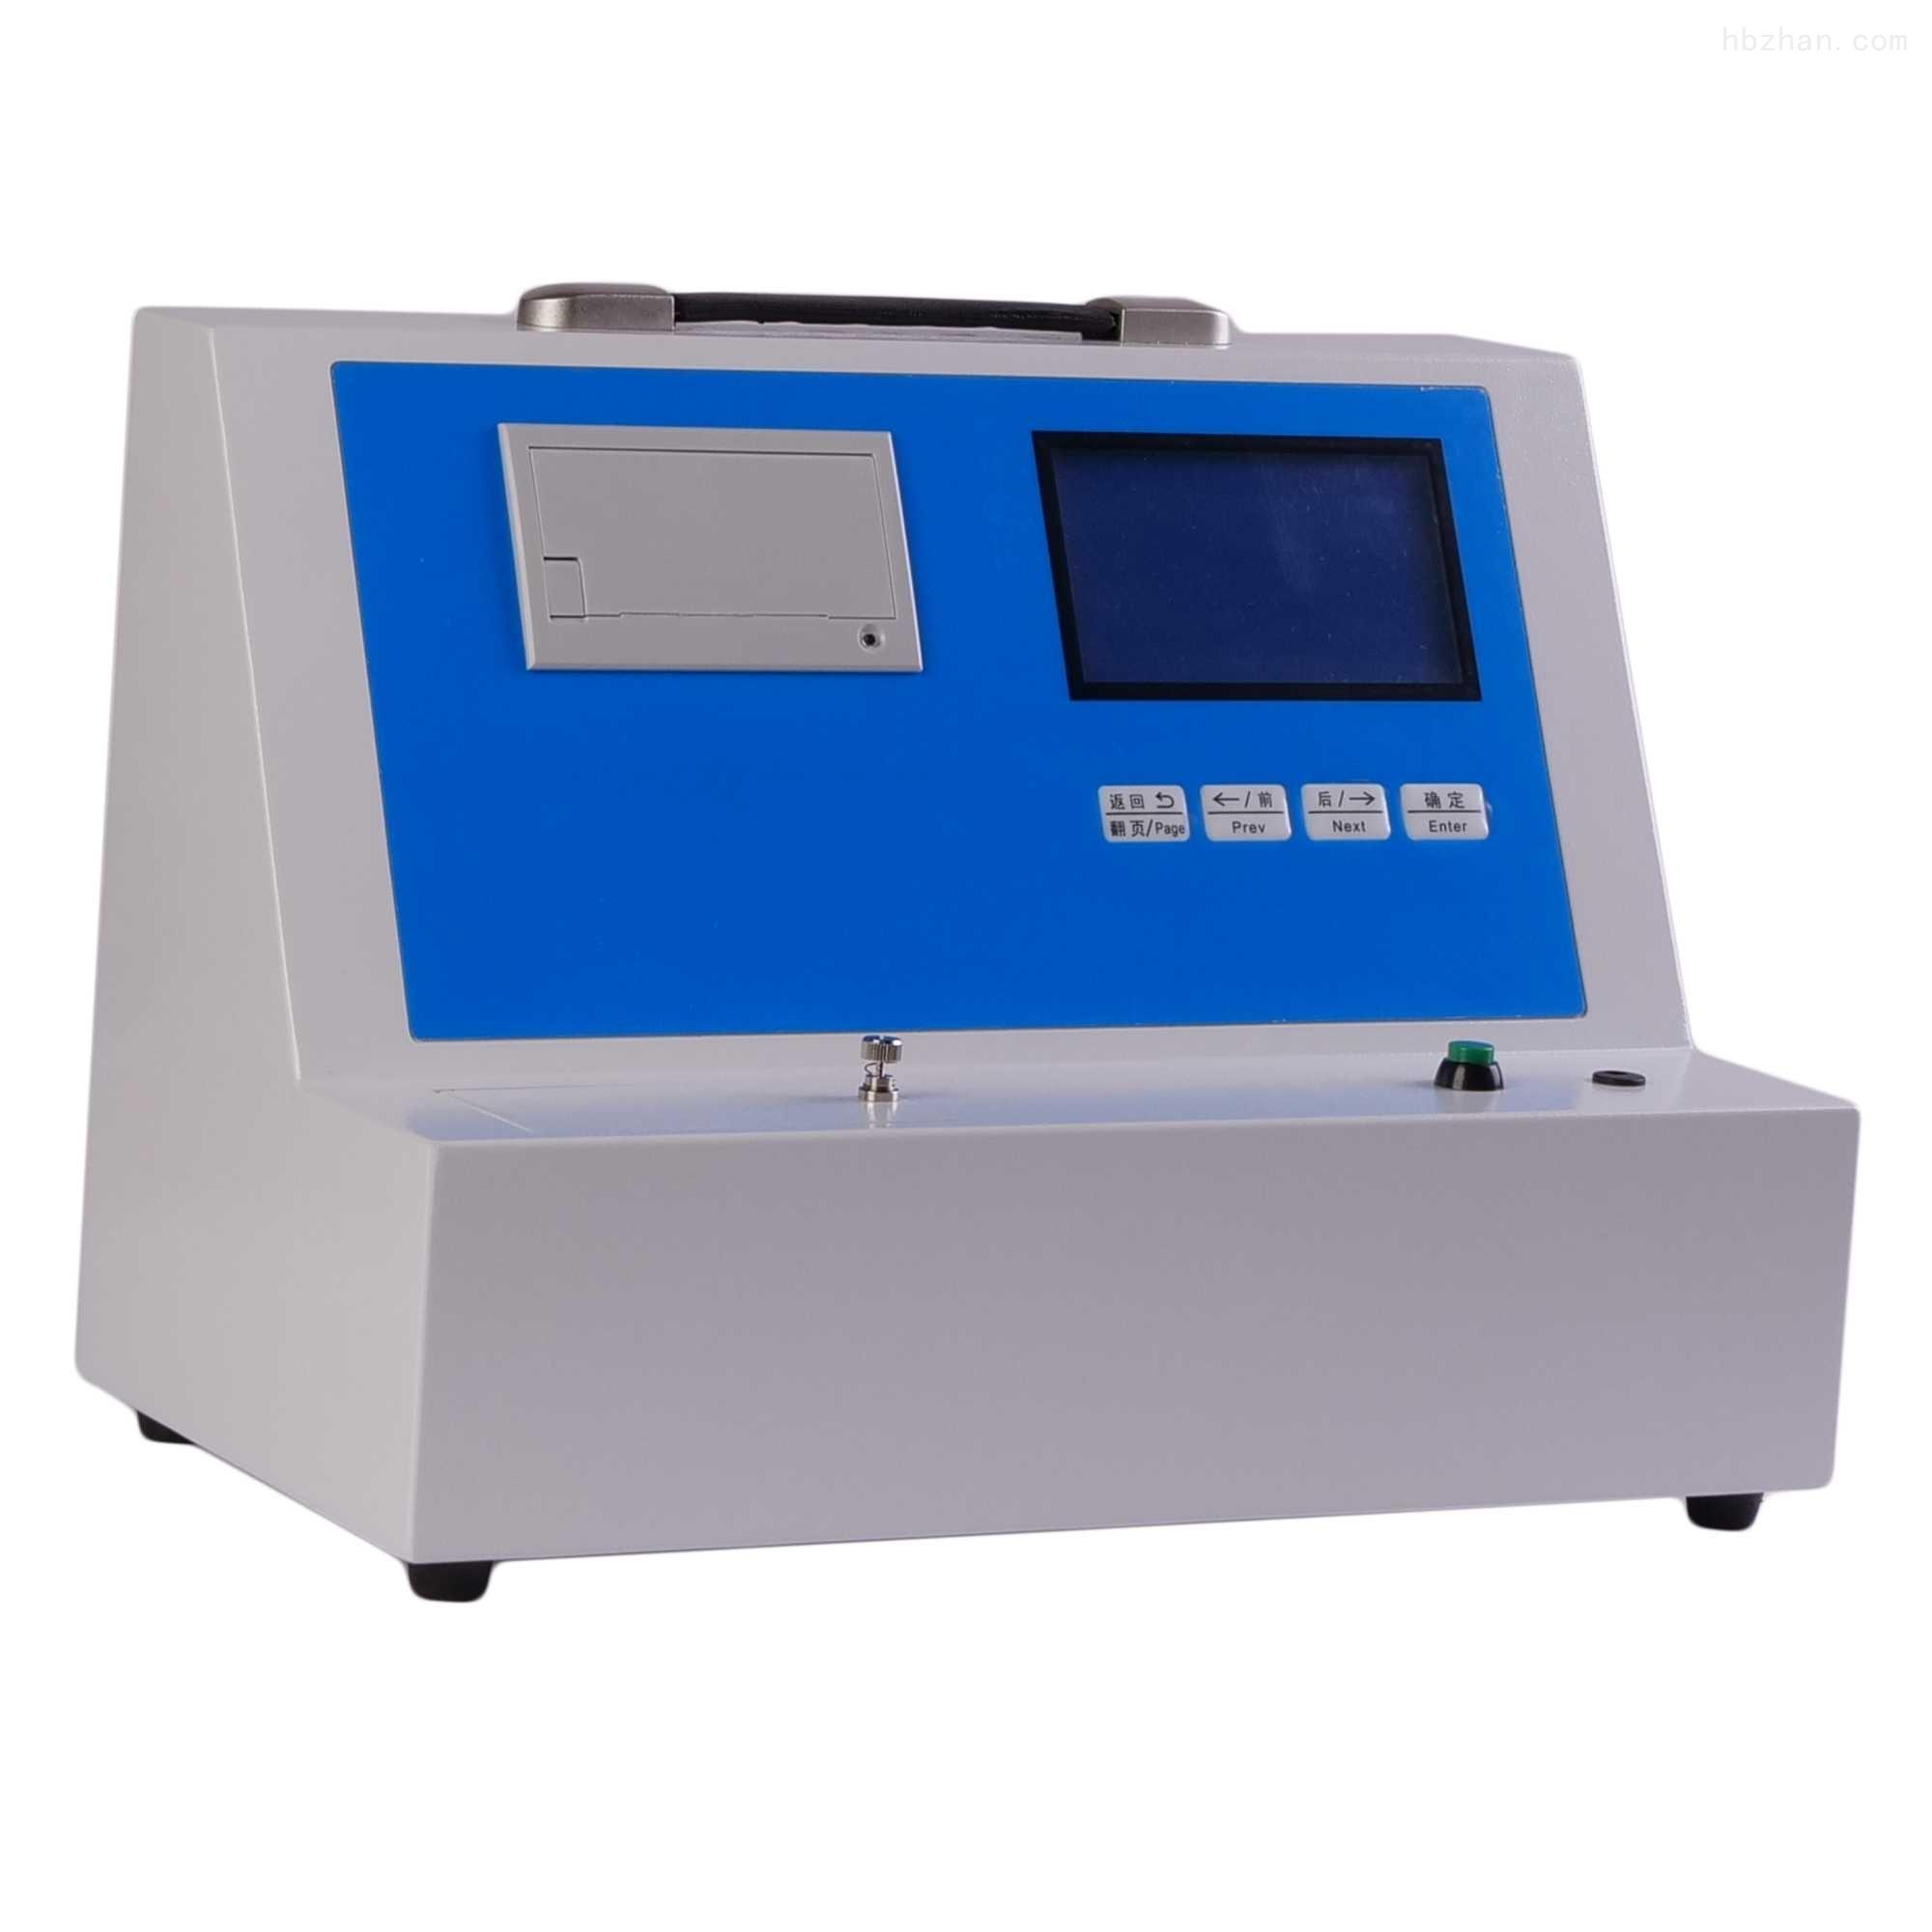 農林服務器-肥料養分檢測儀器